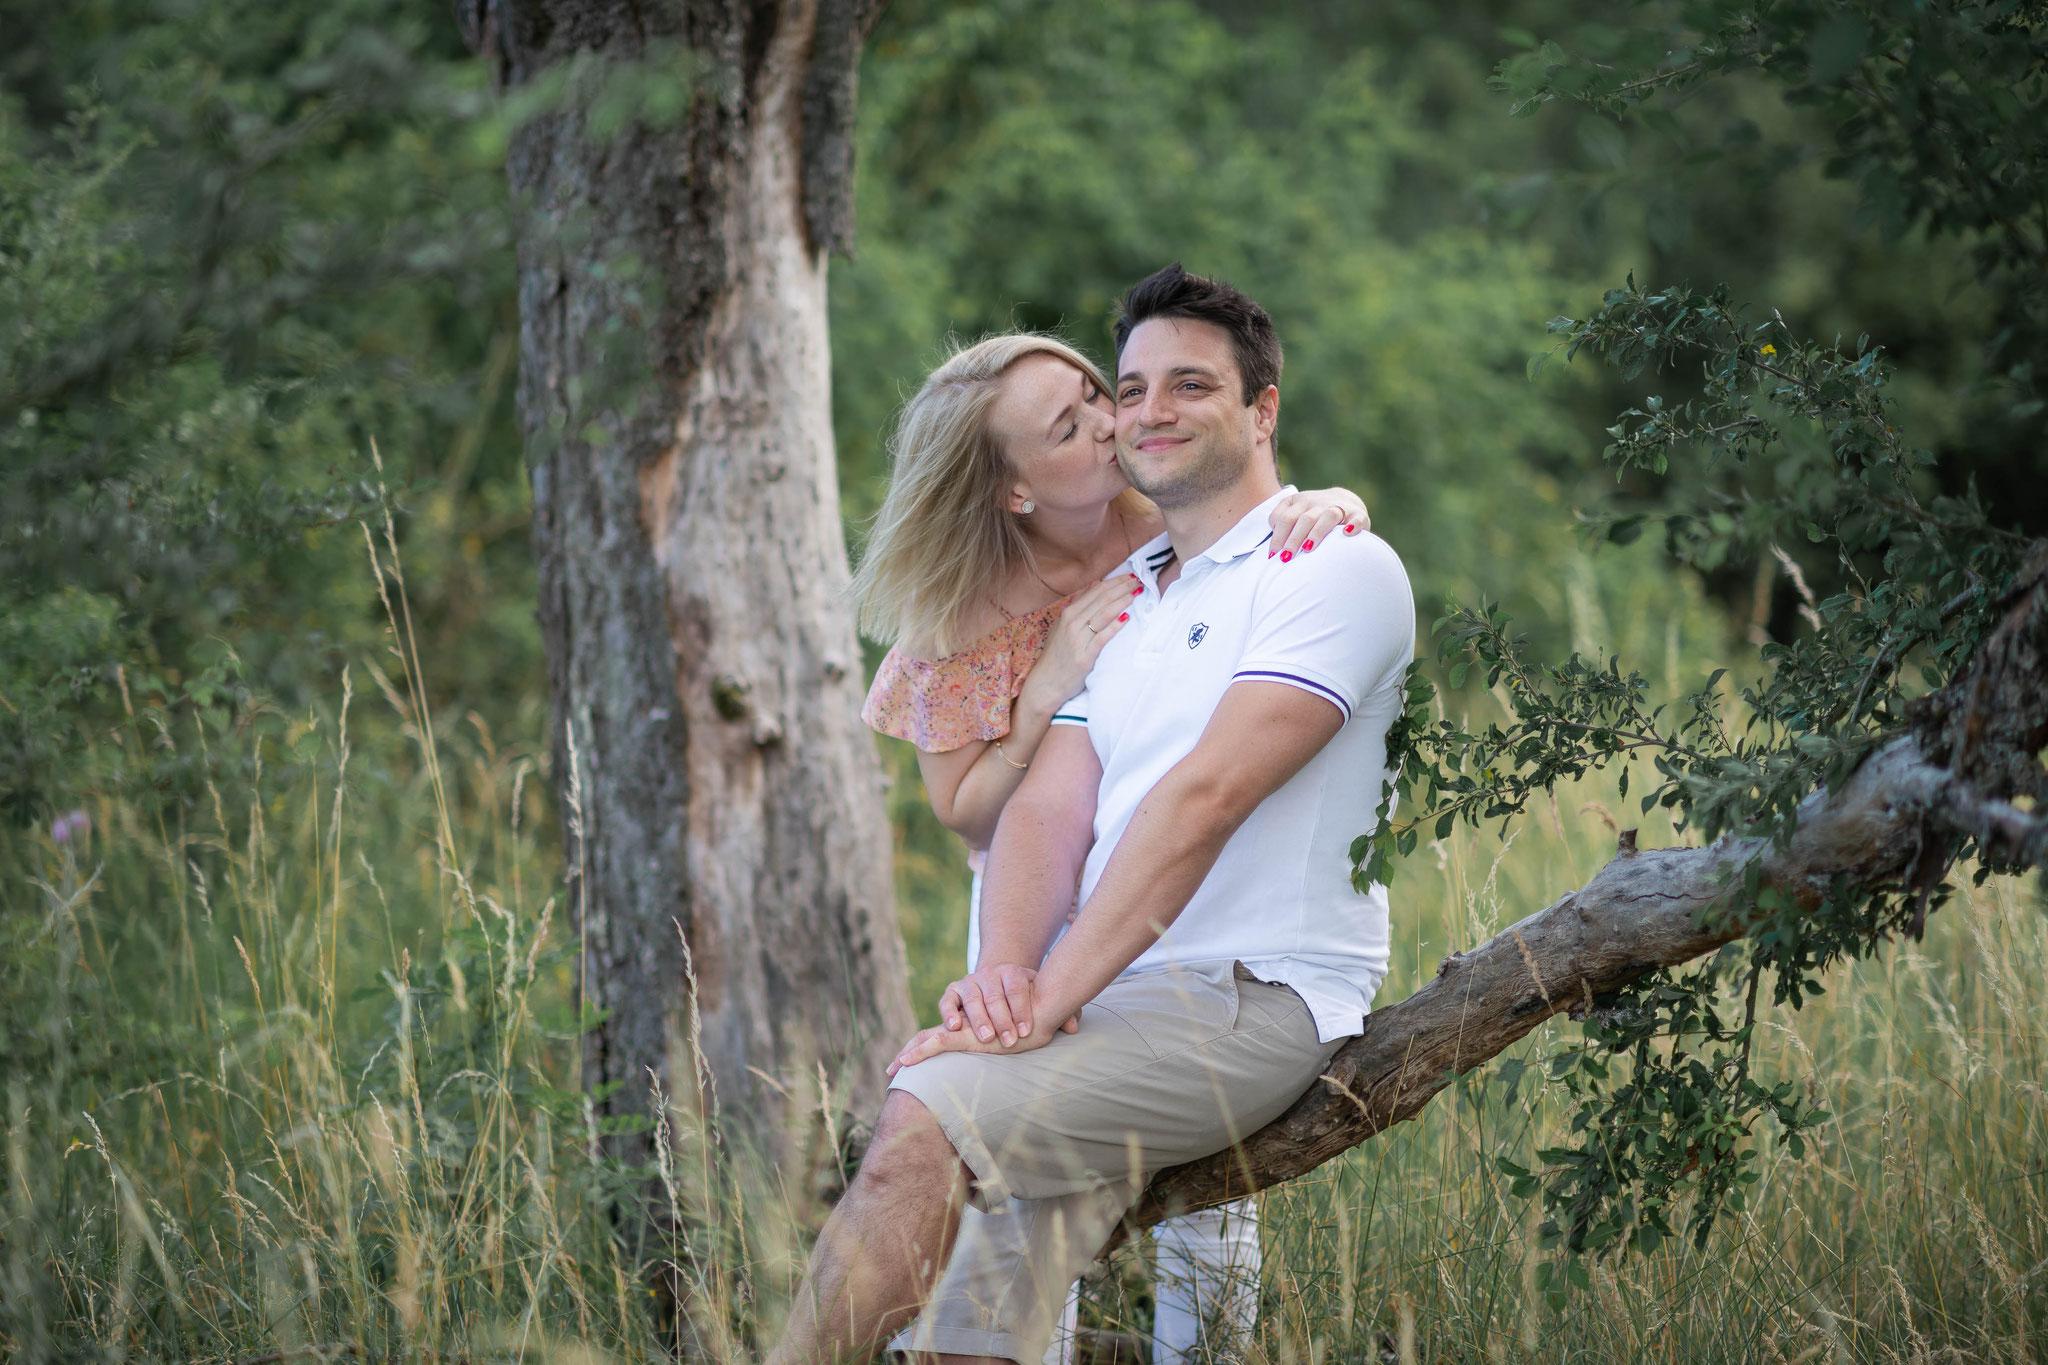 Probeshooting und Paaraufnahmen in Bad Vilbel